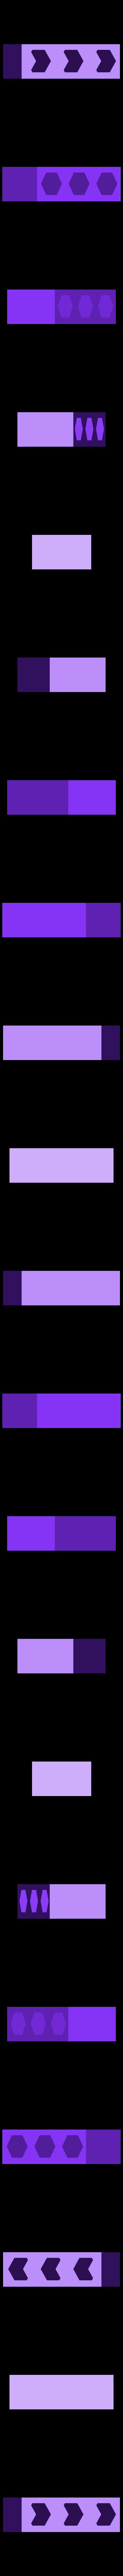 embouts_PH.stl Télécharger fichier STL gratuit Embout de vissage • Design à imprimer en 3D, titi01